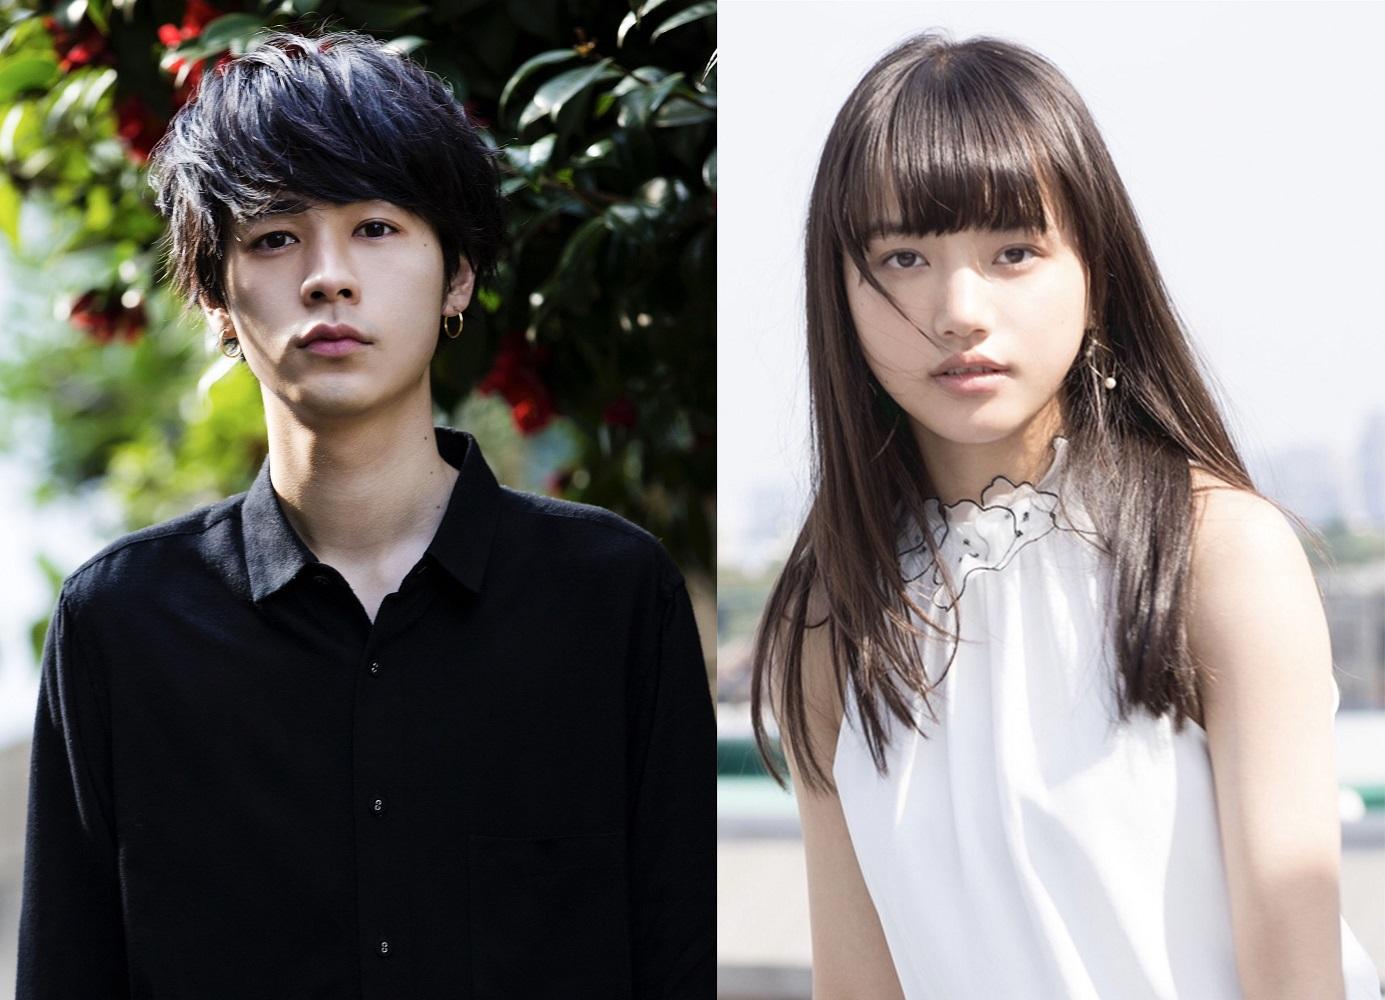 成田凌と清原果耶がW主演で初共演!映画『まともじゃないのは君も一緒』世の中の《普通》に馴染めない、おかしな二人の物語。